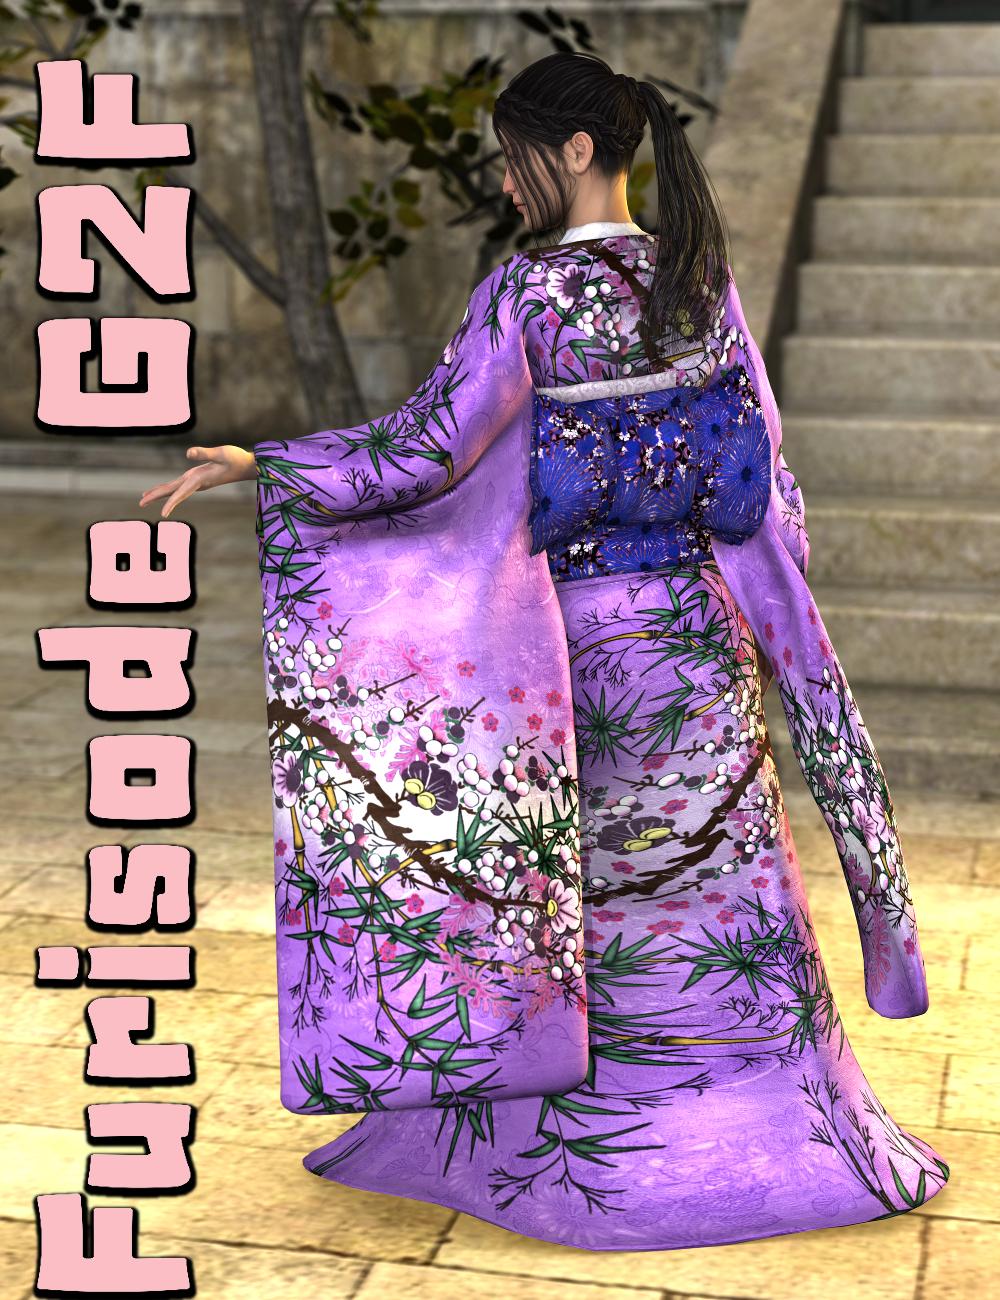 Furisode Genesis 2 Female(s) by: SickleyieldFuseling, 3D Models by Daz 3D